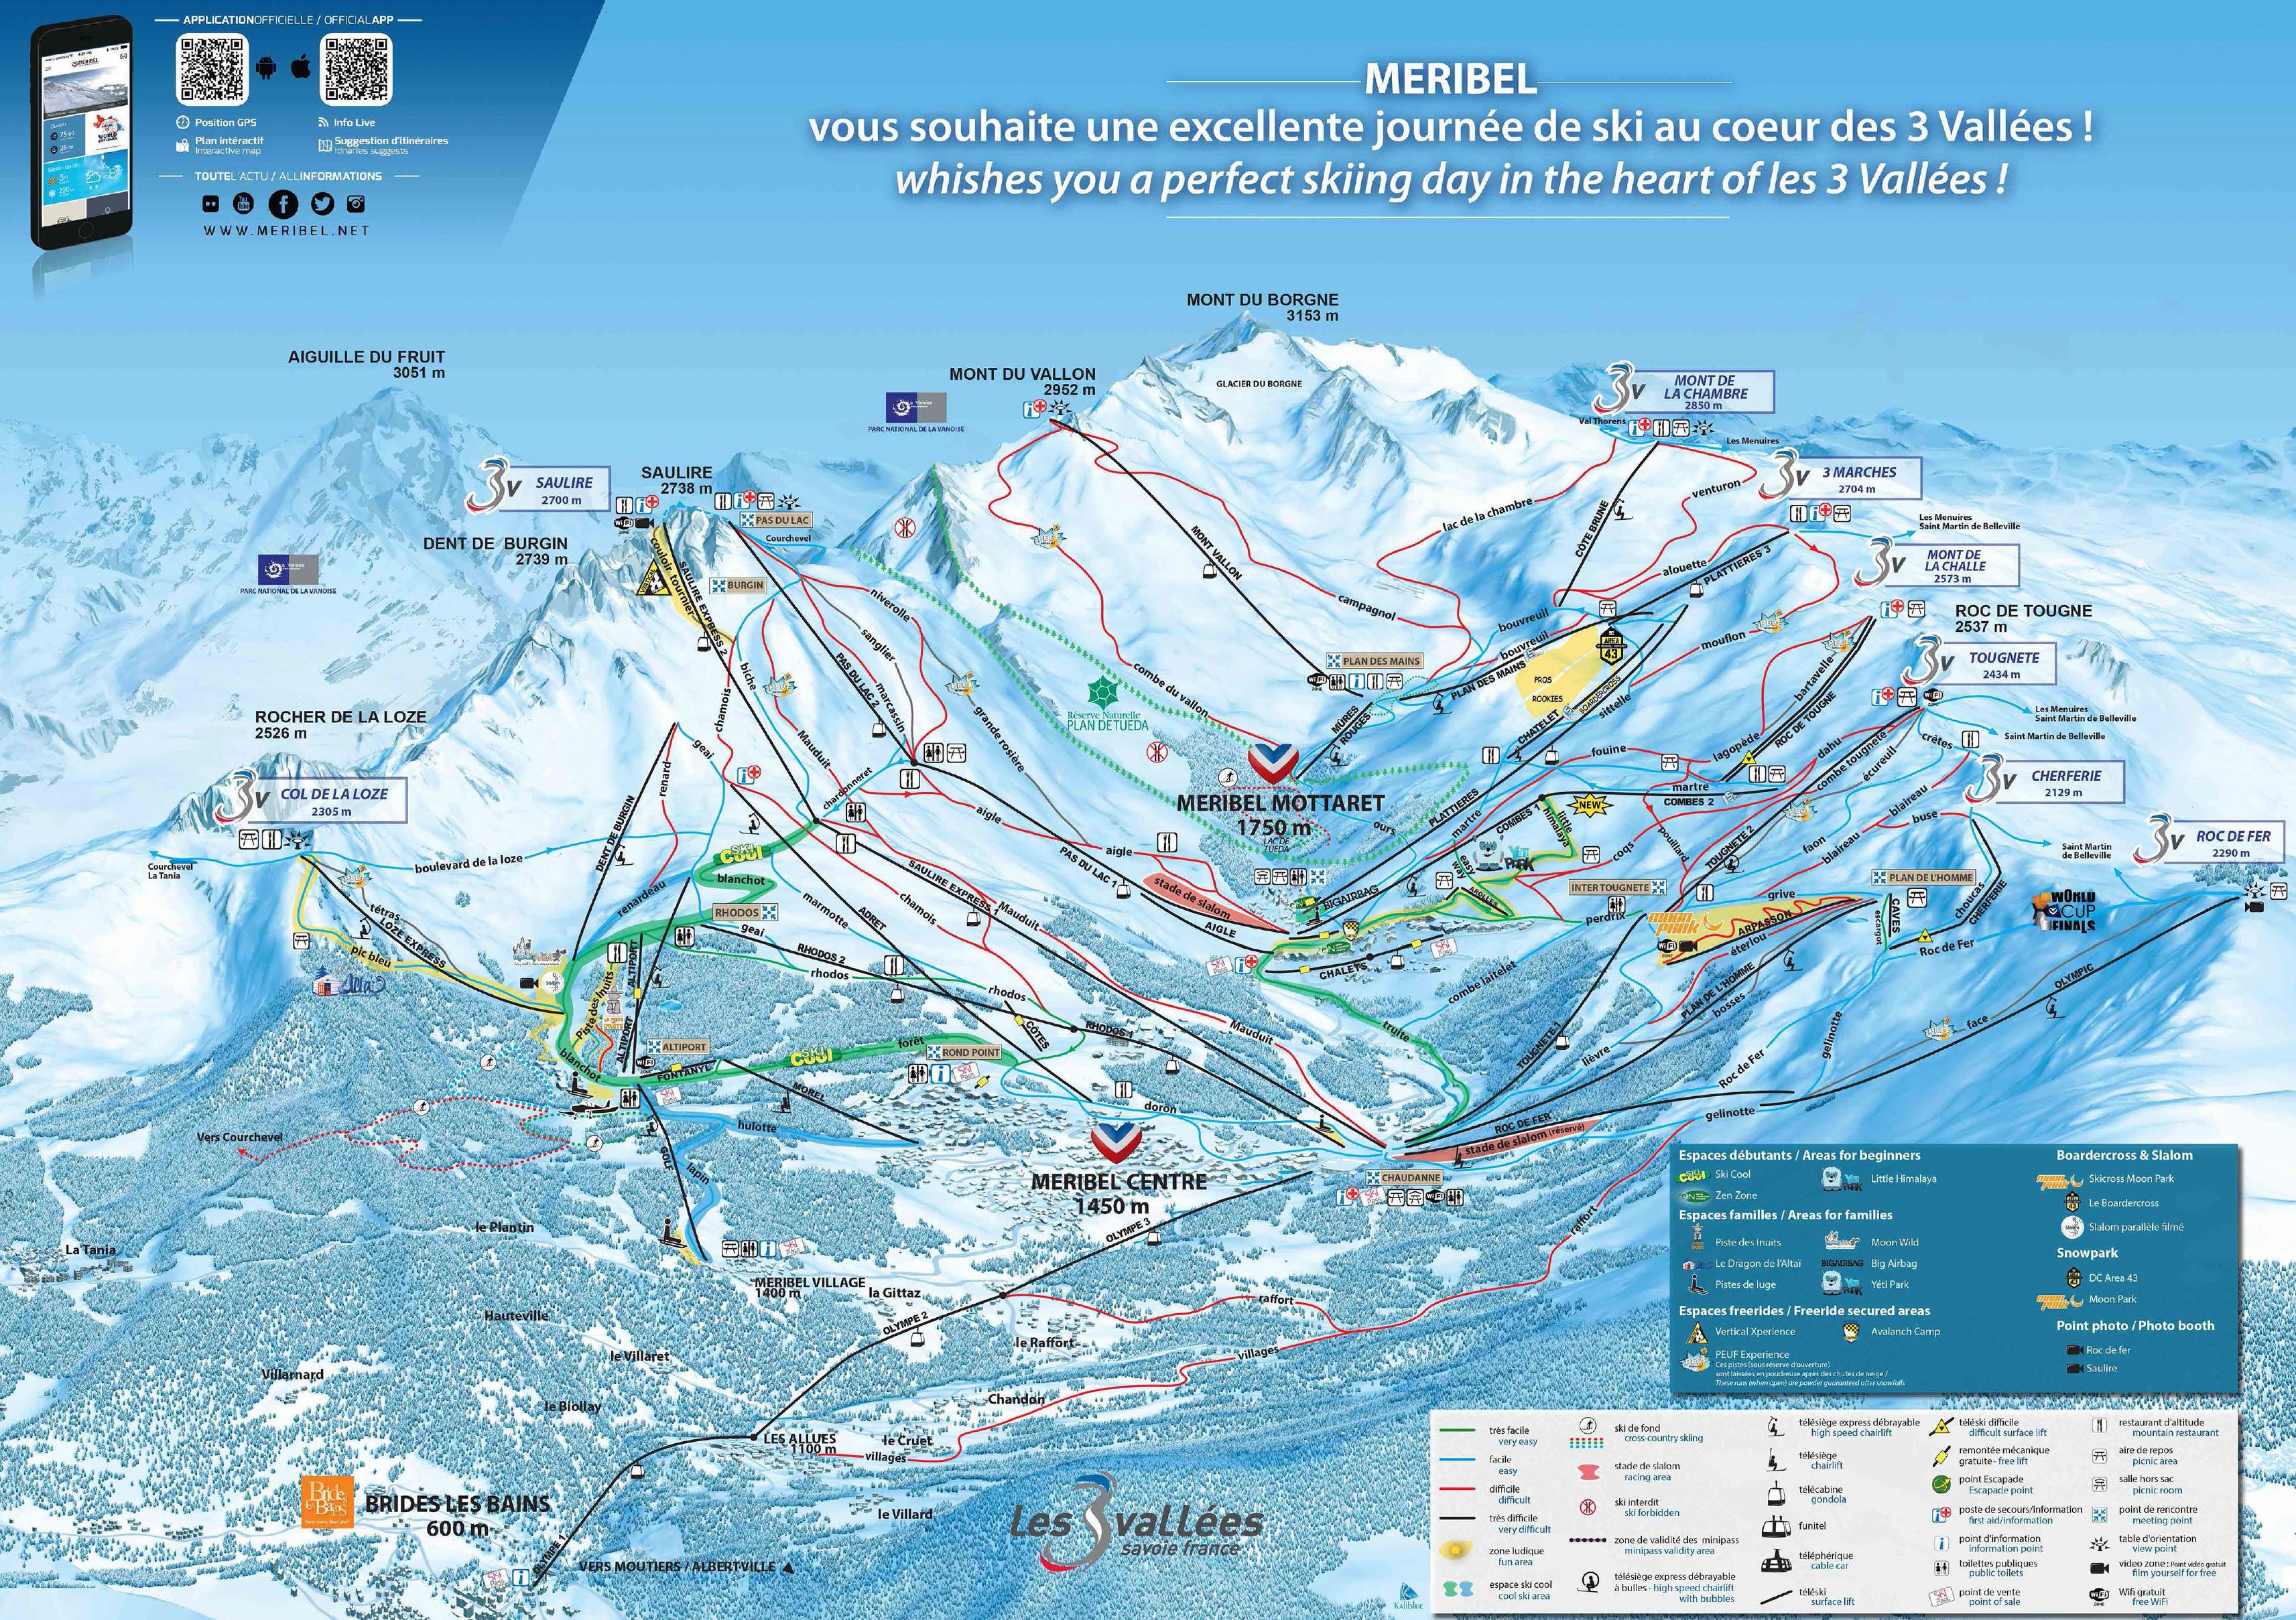 Brides les bains plan des pistes de ski brides les bains for Les bains de